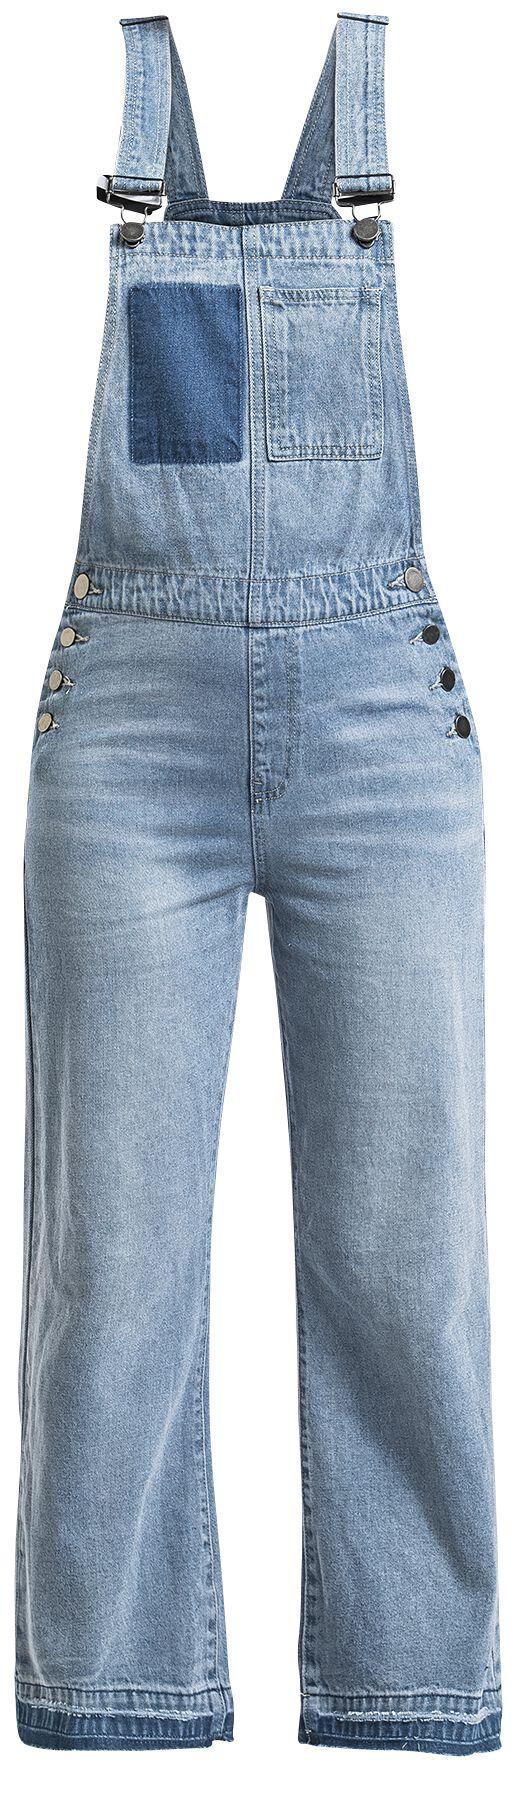 Image of   Fashion Victim Latzhose Girlie dungarees blå